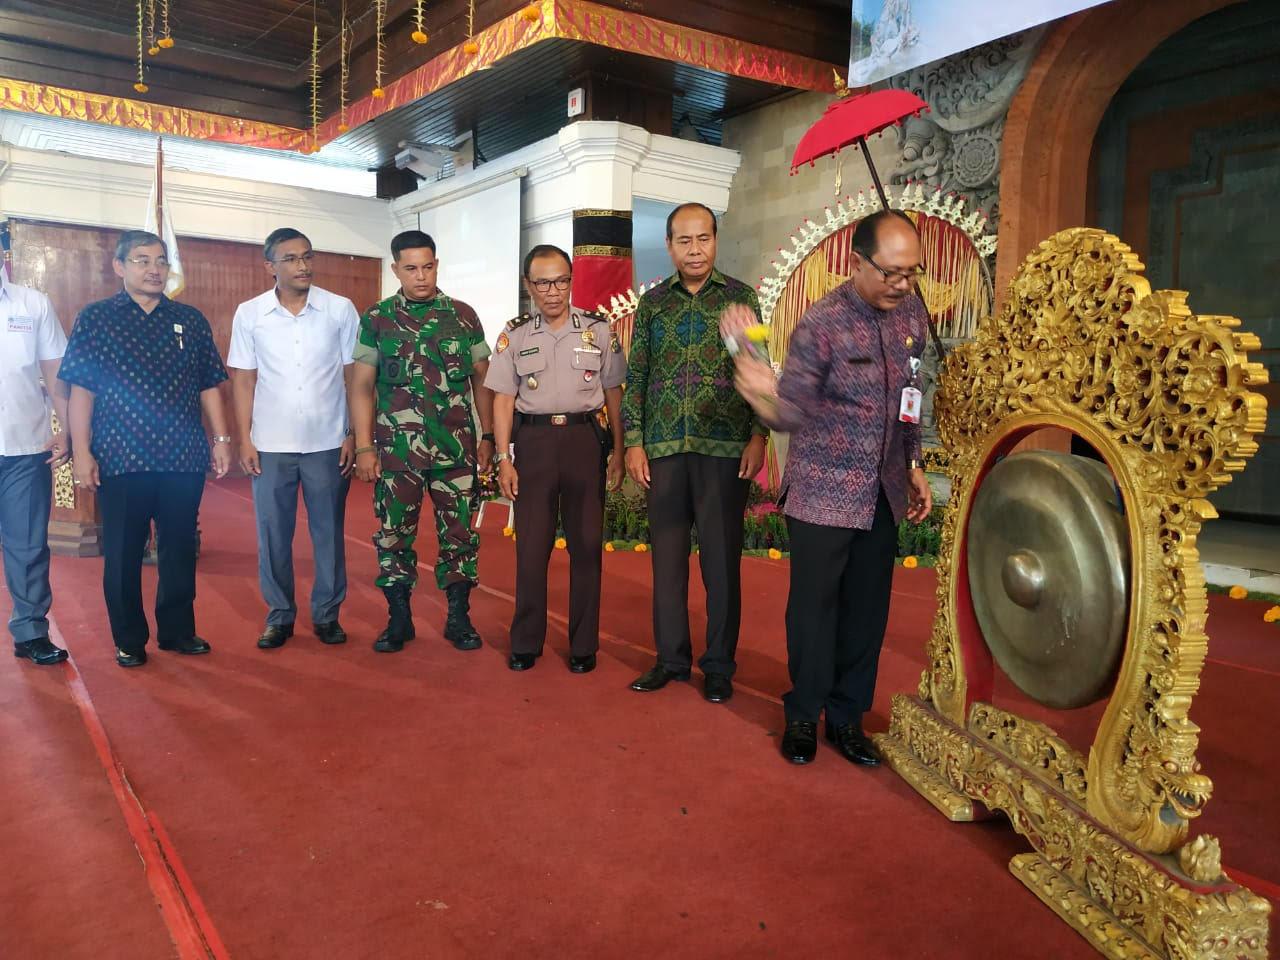 ASISTEN Administrasi Pemerintahan dan Kesejahteraan Rakyat, I Wayan Suardana, membuka Musda IX Gapensi Gianyar. Foto: kadek adiputra